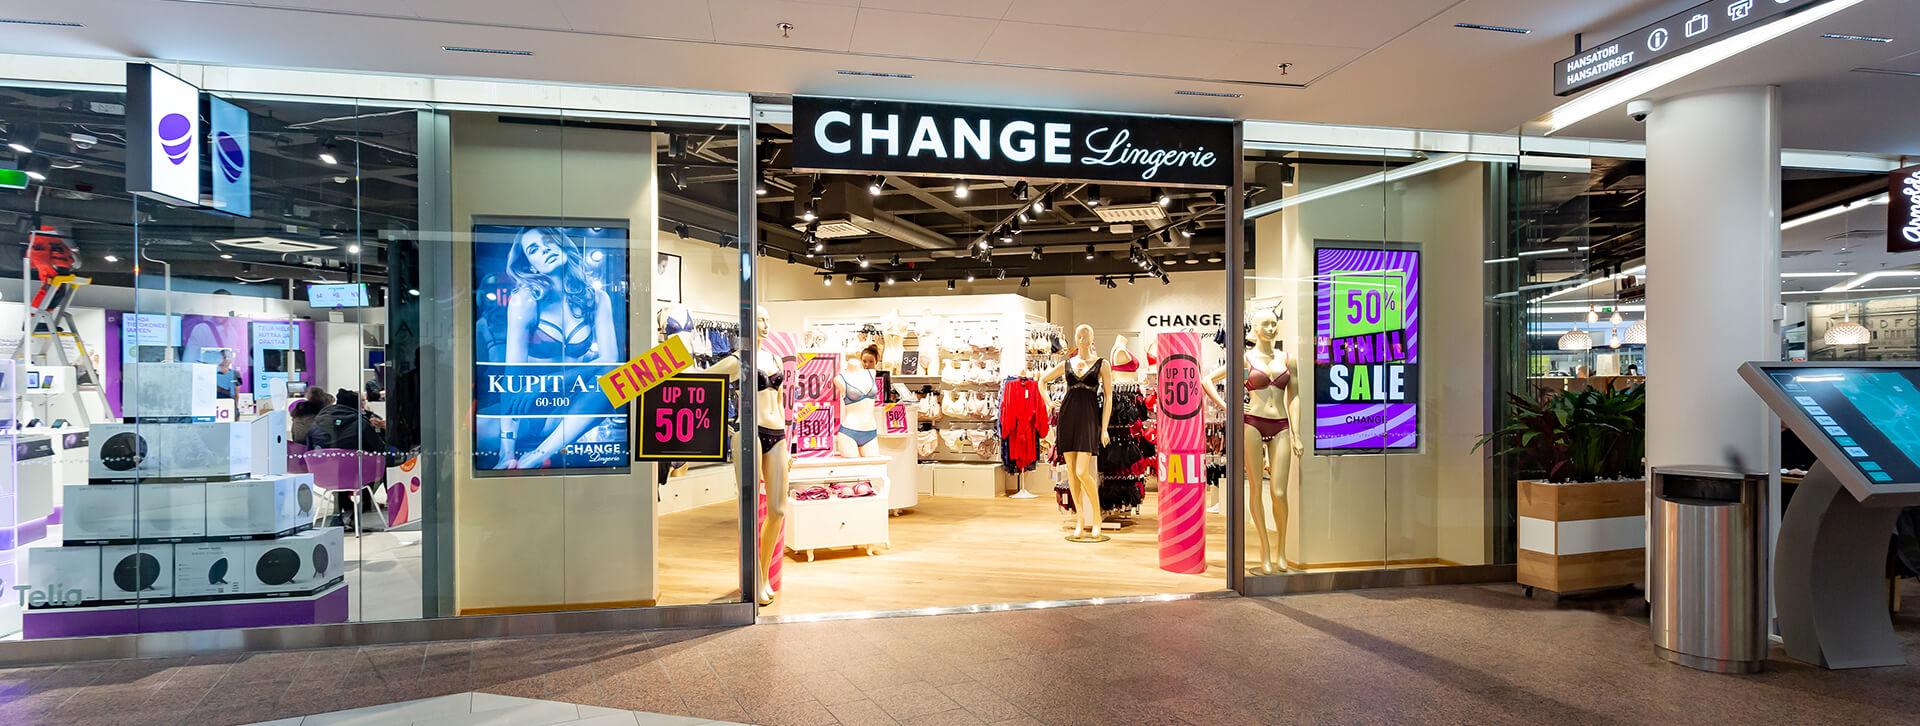 change-lingerie